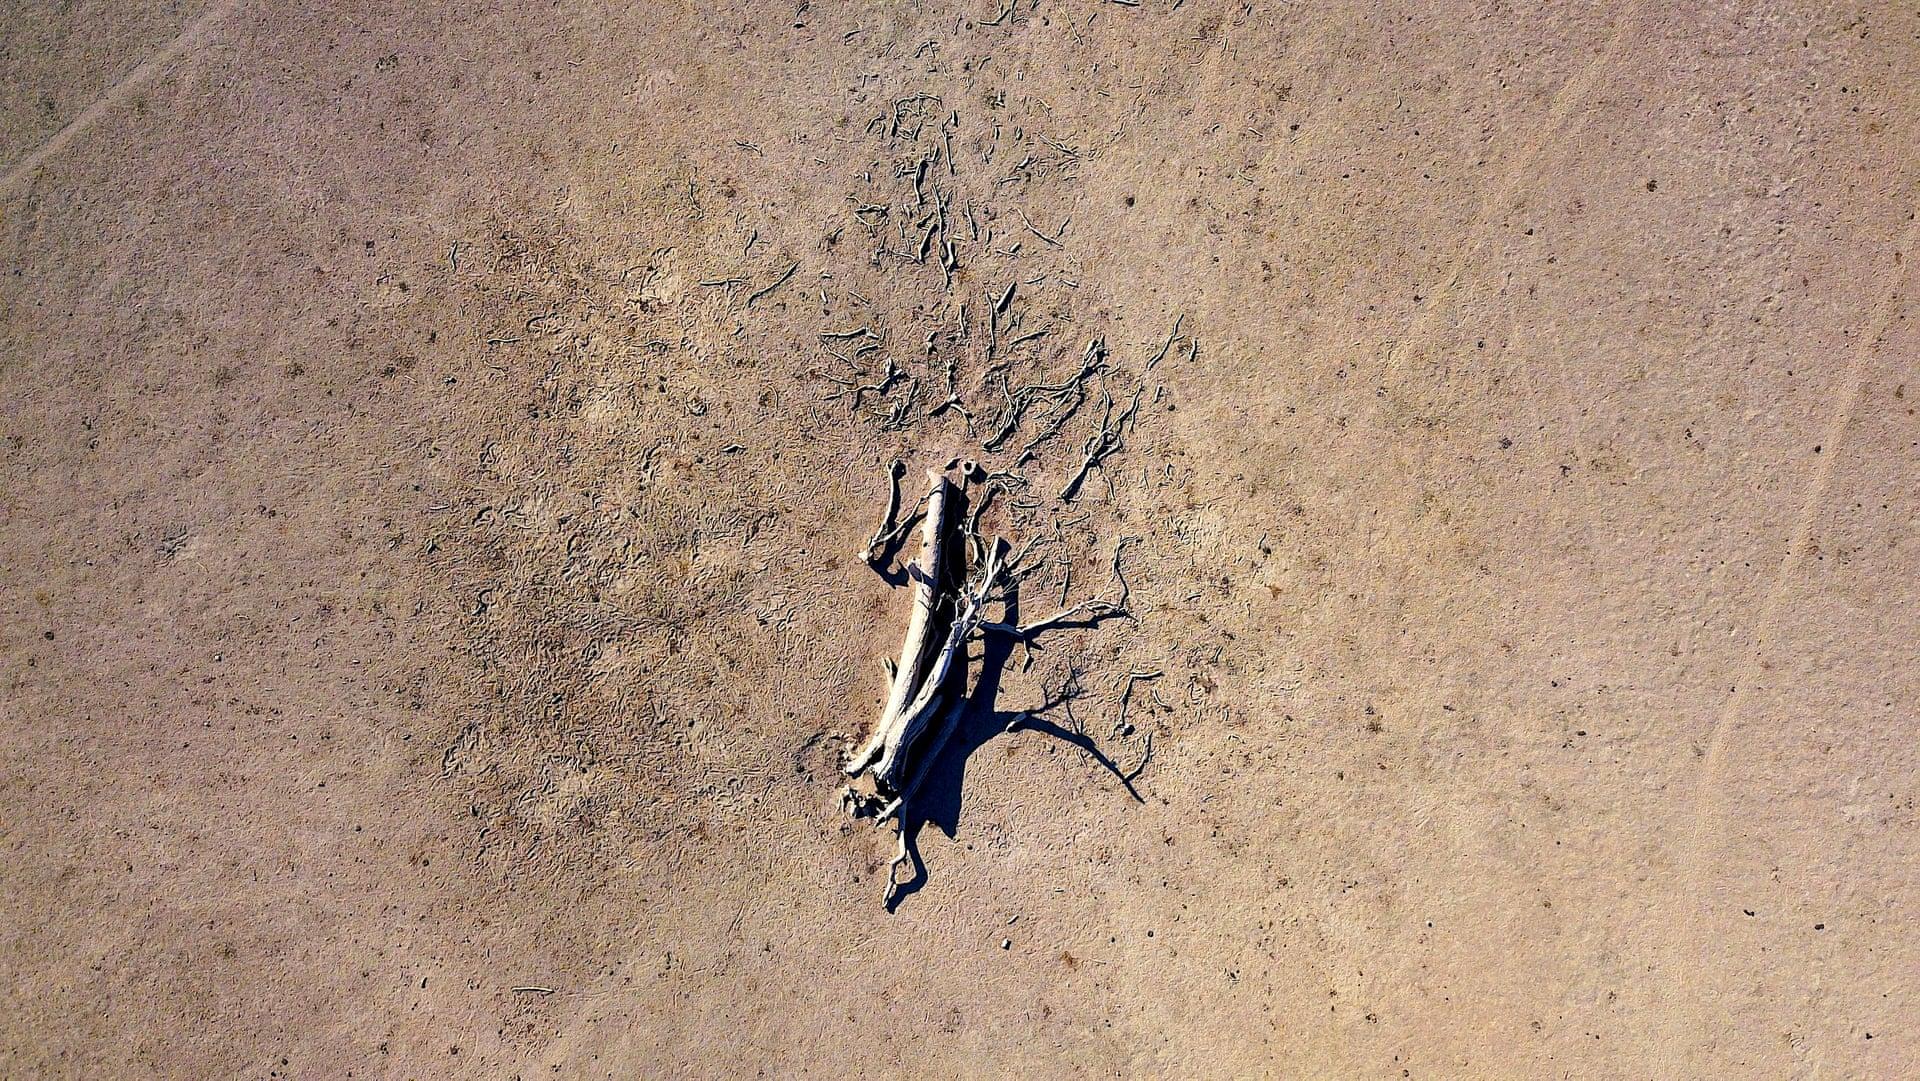 Фото дня: засуха в Австралии с высоты птичьего полета Фото дня: засуха в Австралии с высоты птичьего полета 3500 20 4